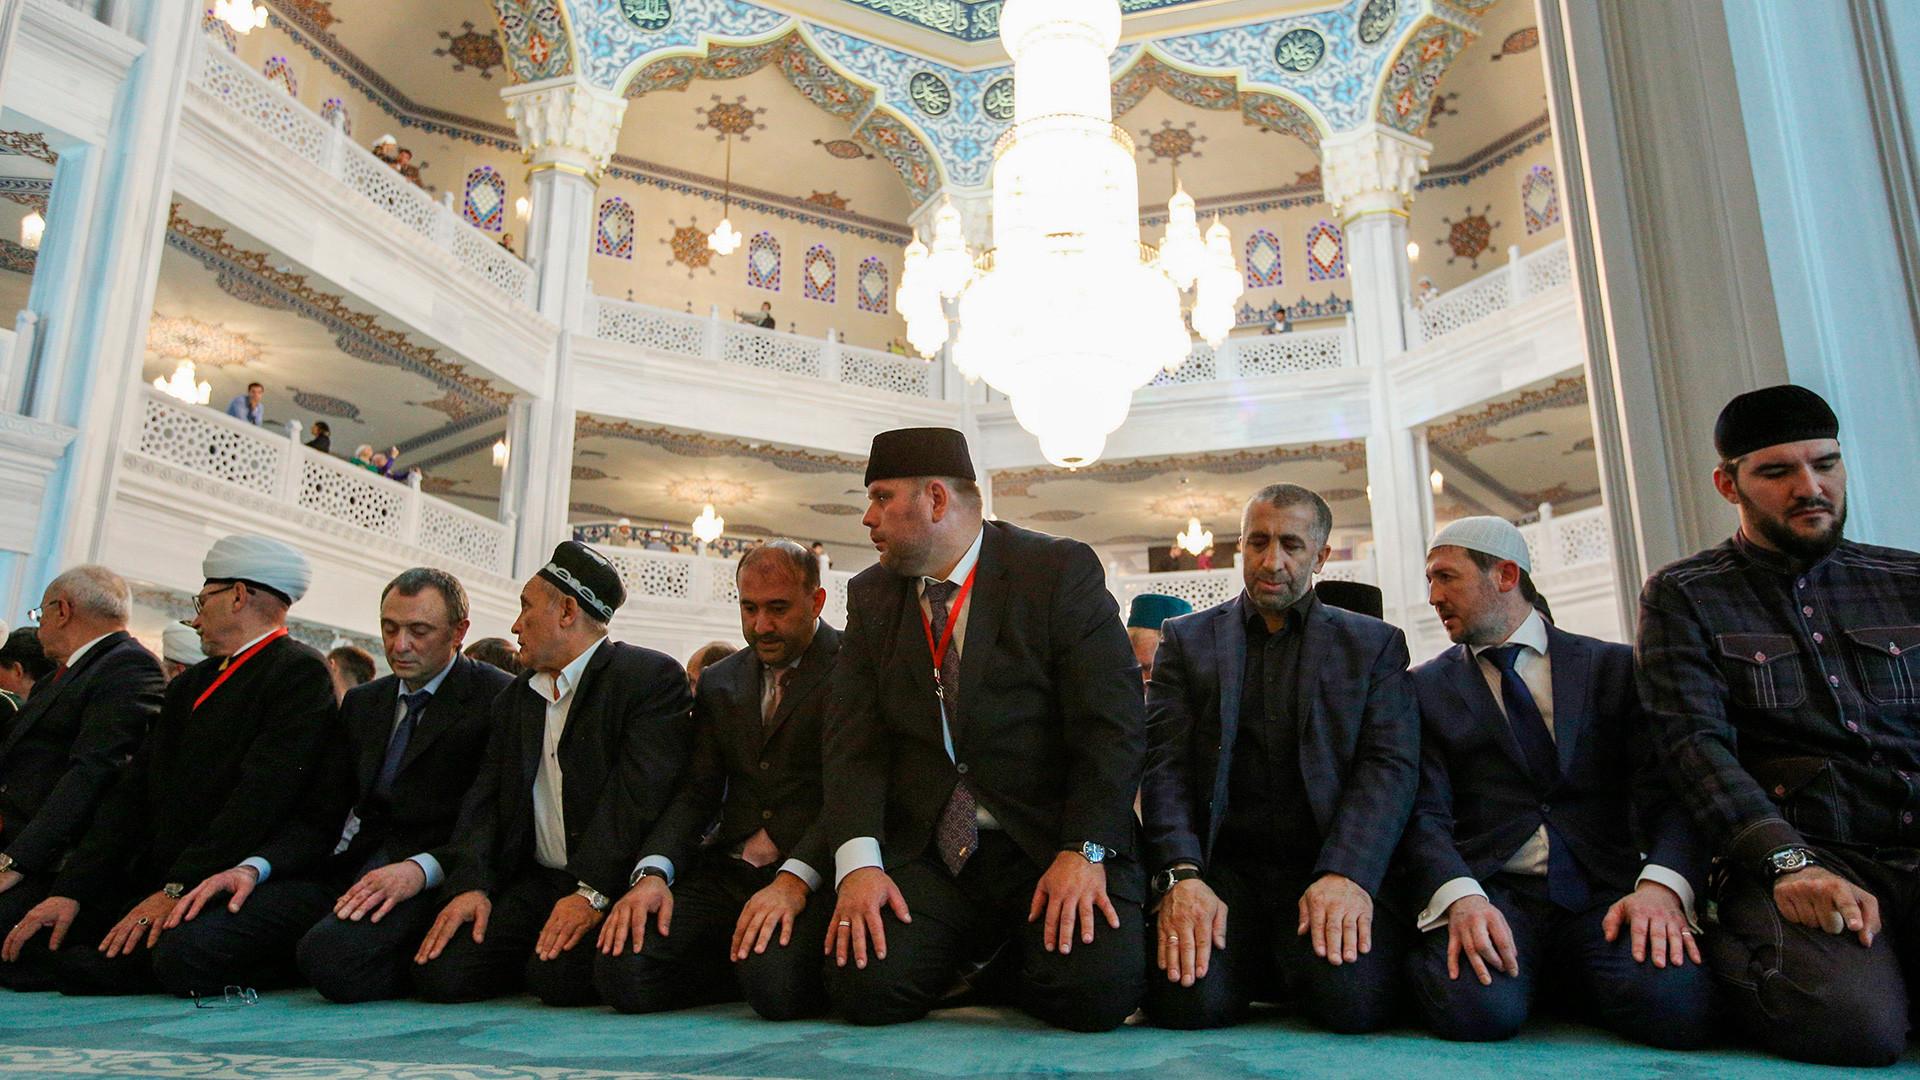 Islamic prayer the Namaz